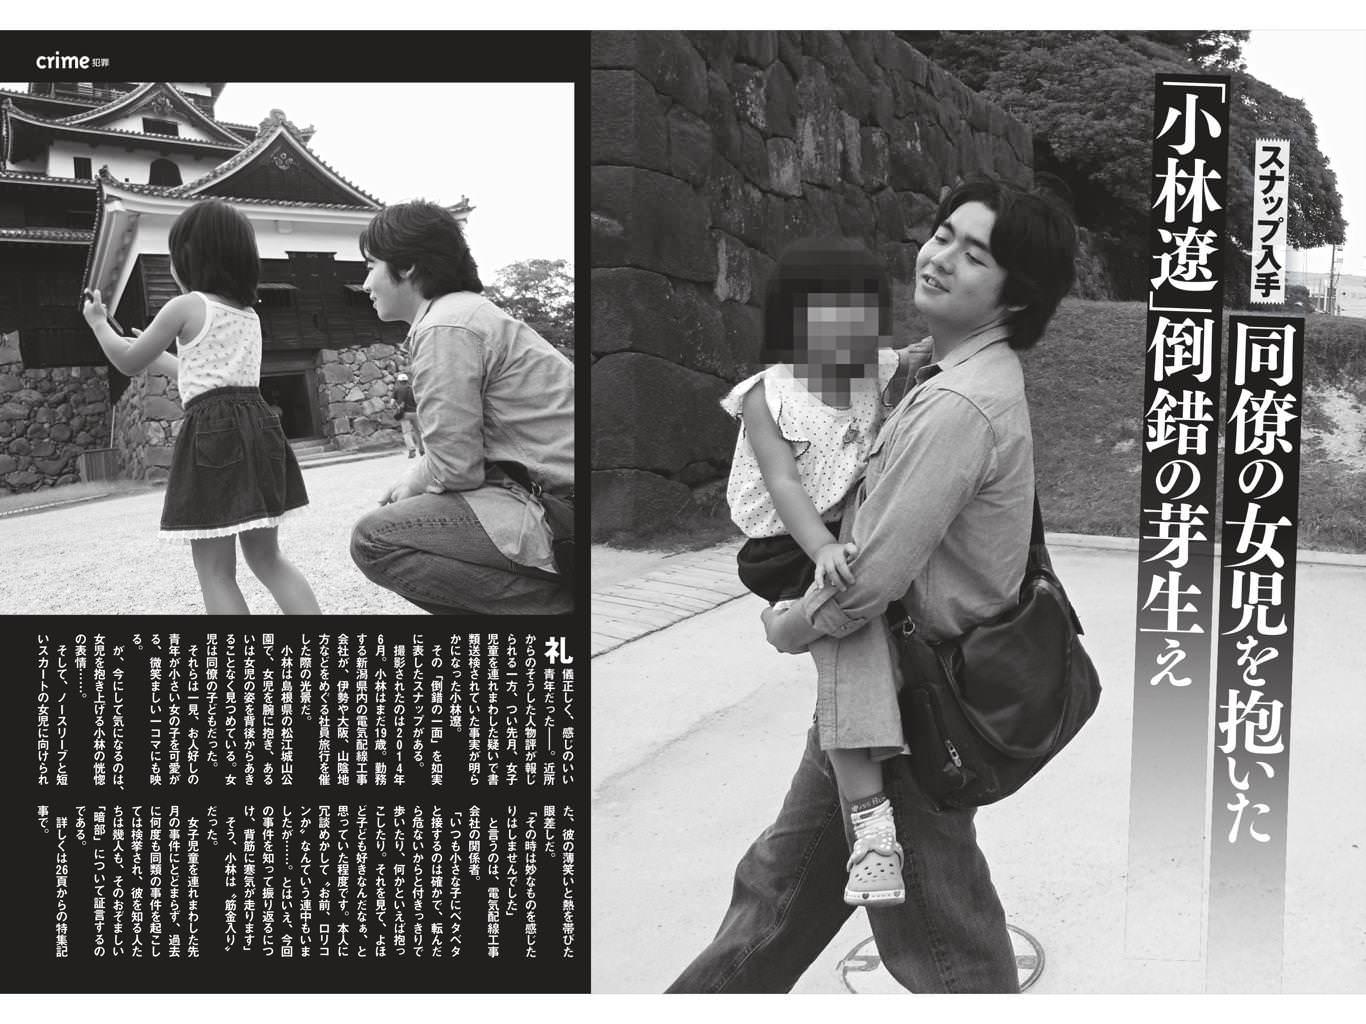 【衝撃】新潟女児殺害の犯人、小林遼の完全に「アウト」な写真を発見wwwwwwwwwwwwwwwwのサムネイル画像